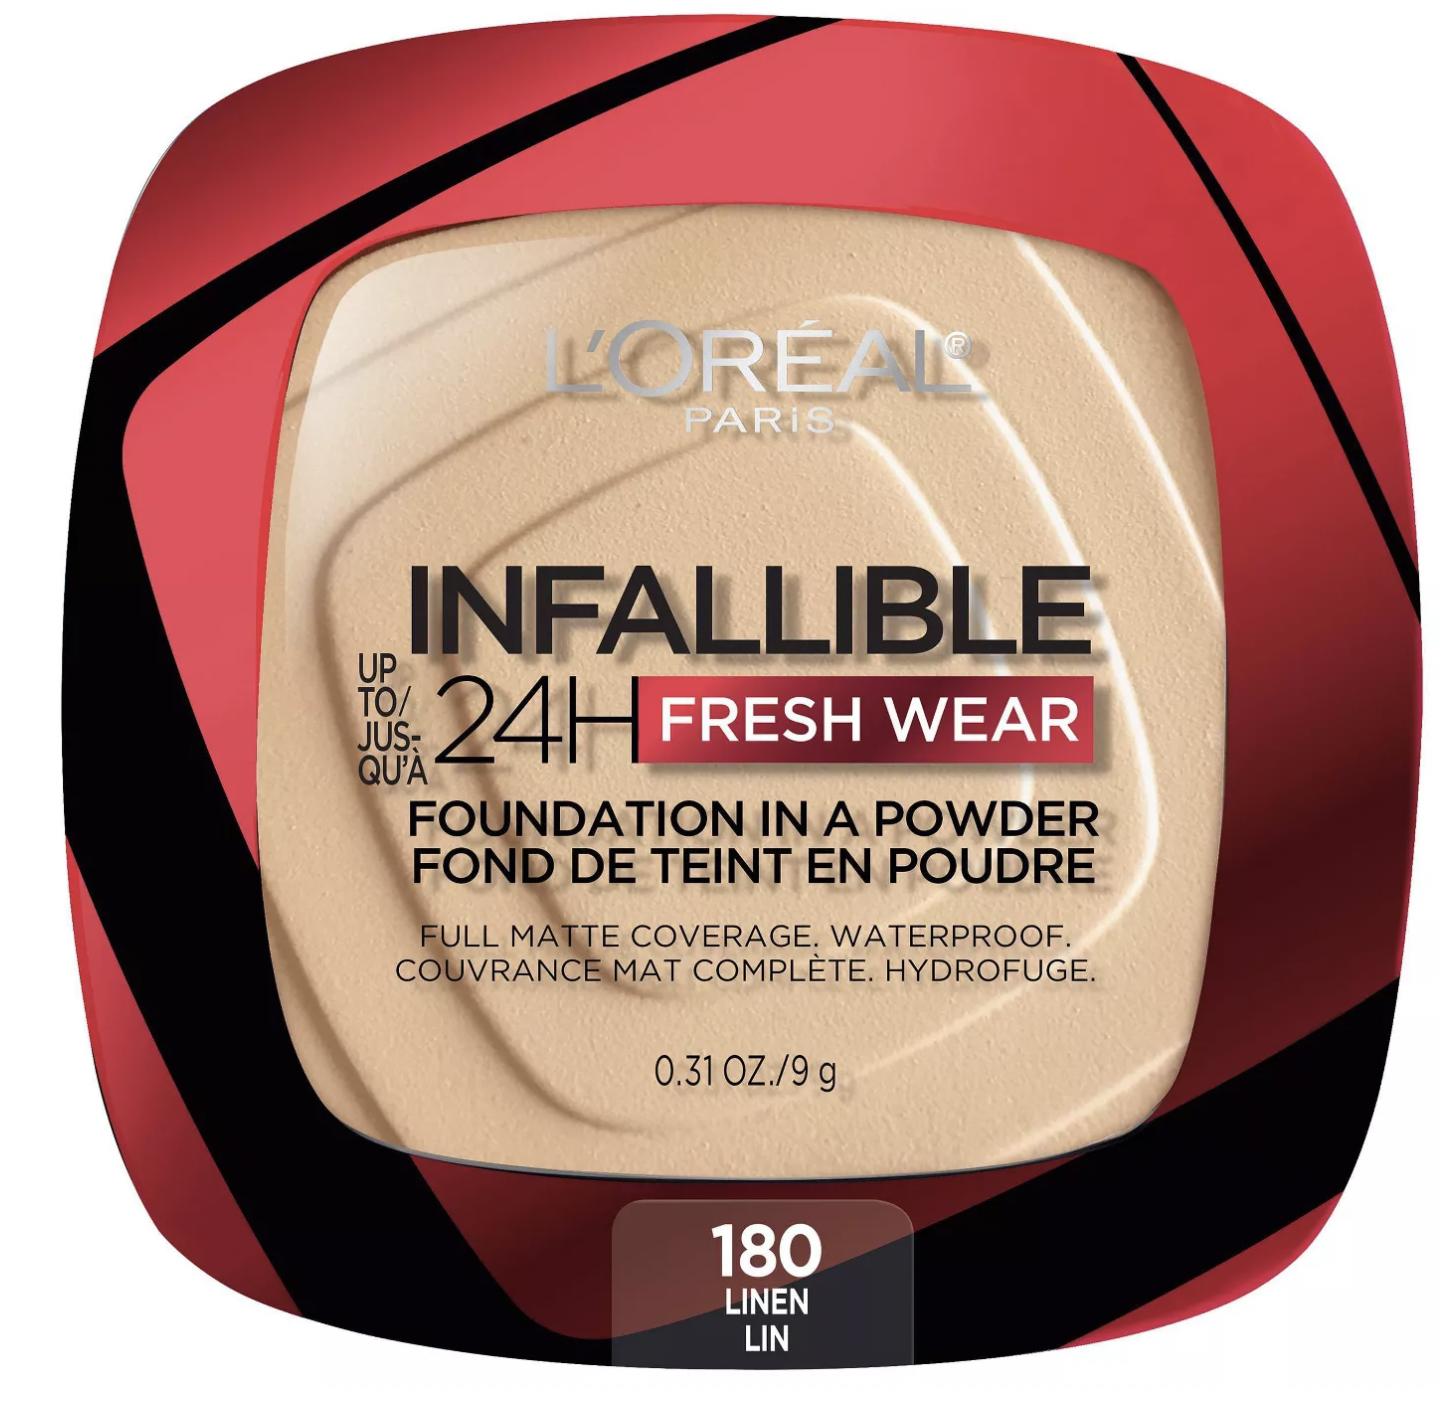 heat resistant, makeup, loreal paris